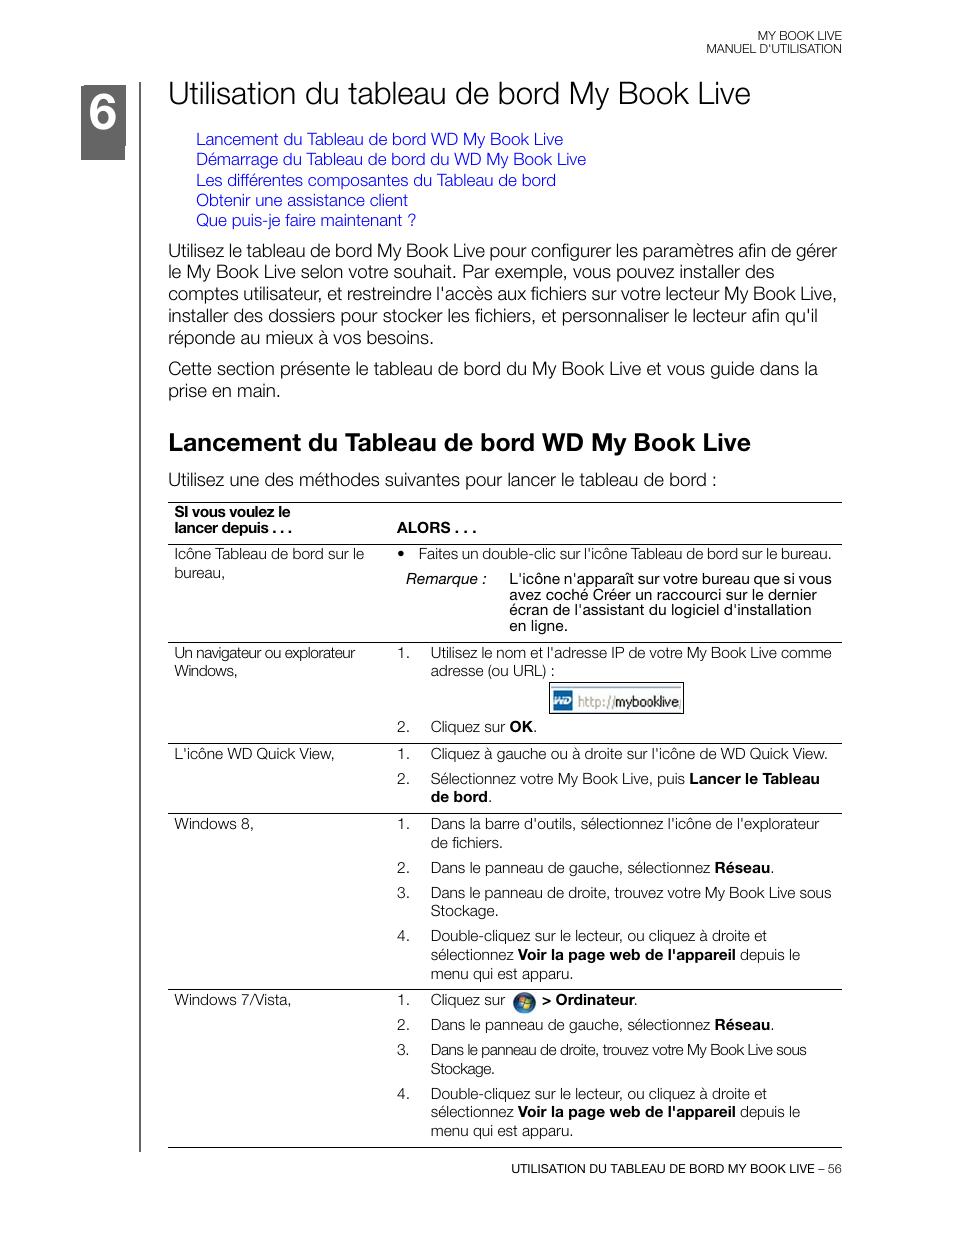 Utilisation du tableau de bord my book live, Lancement du